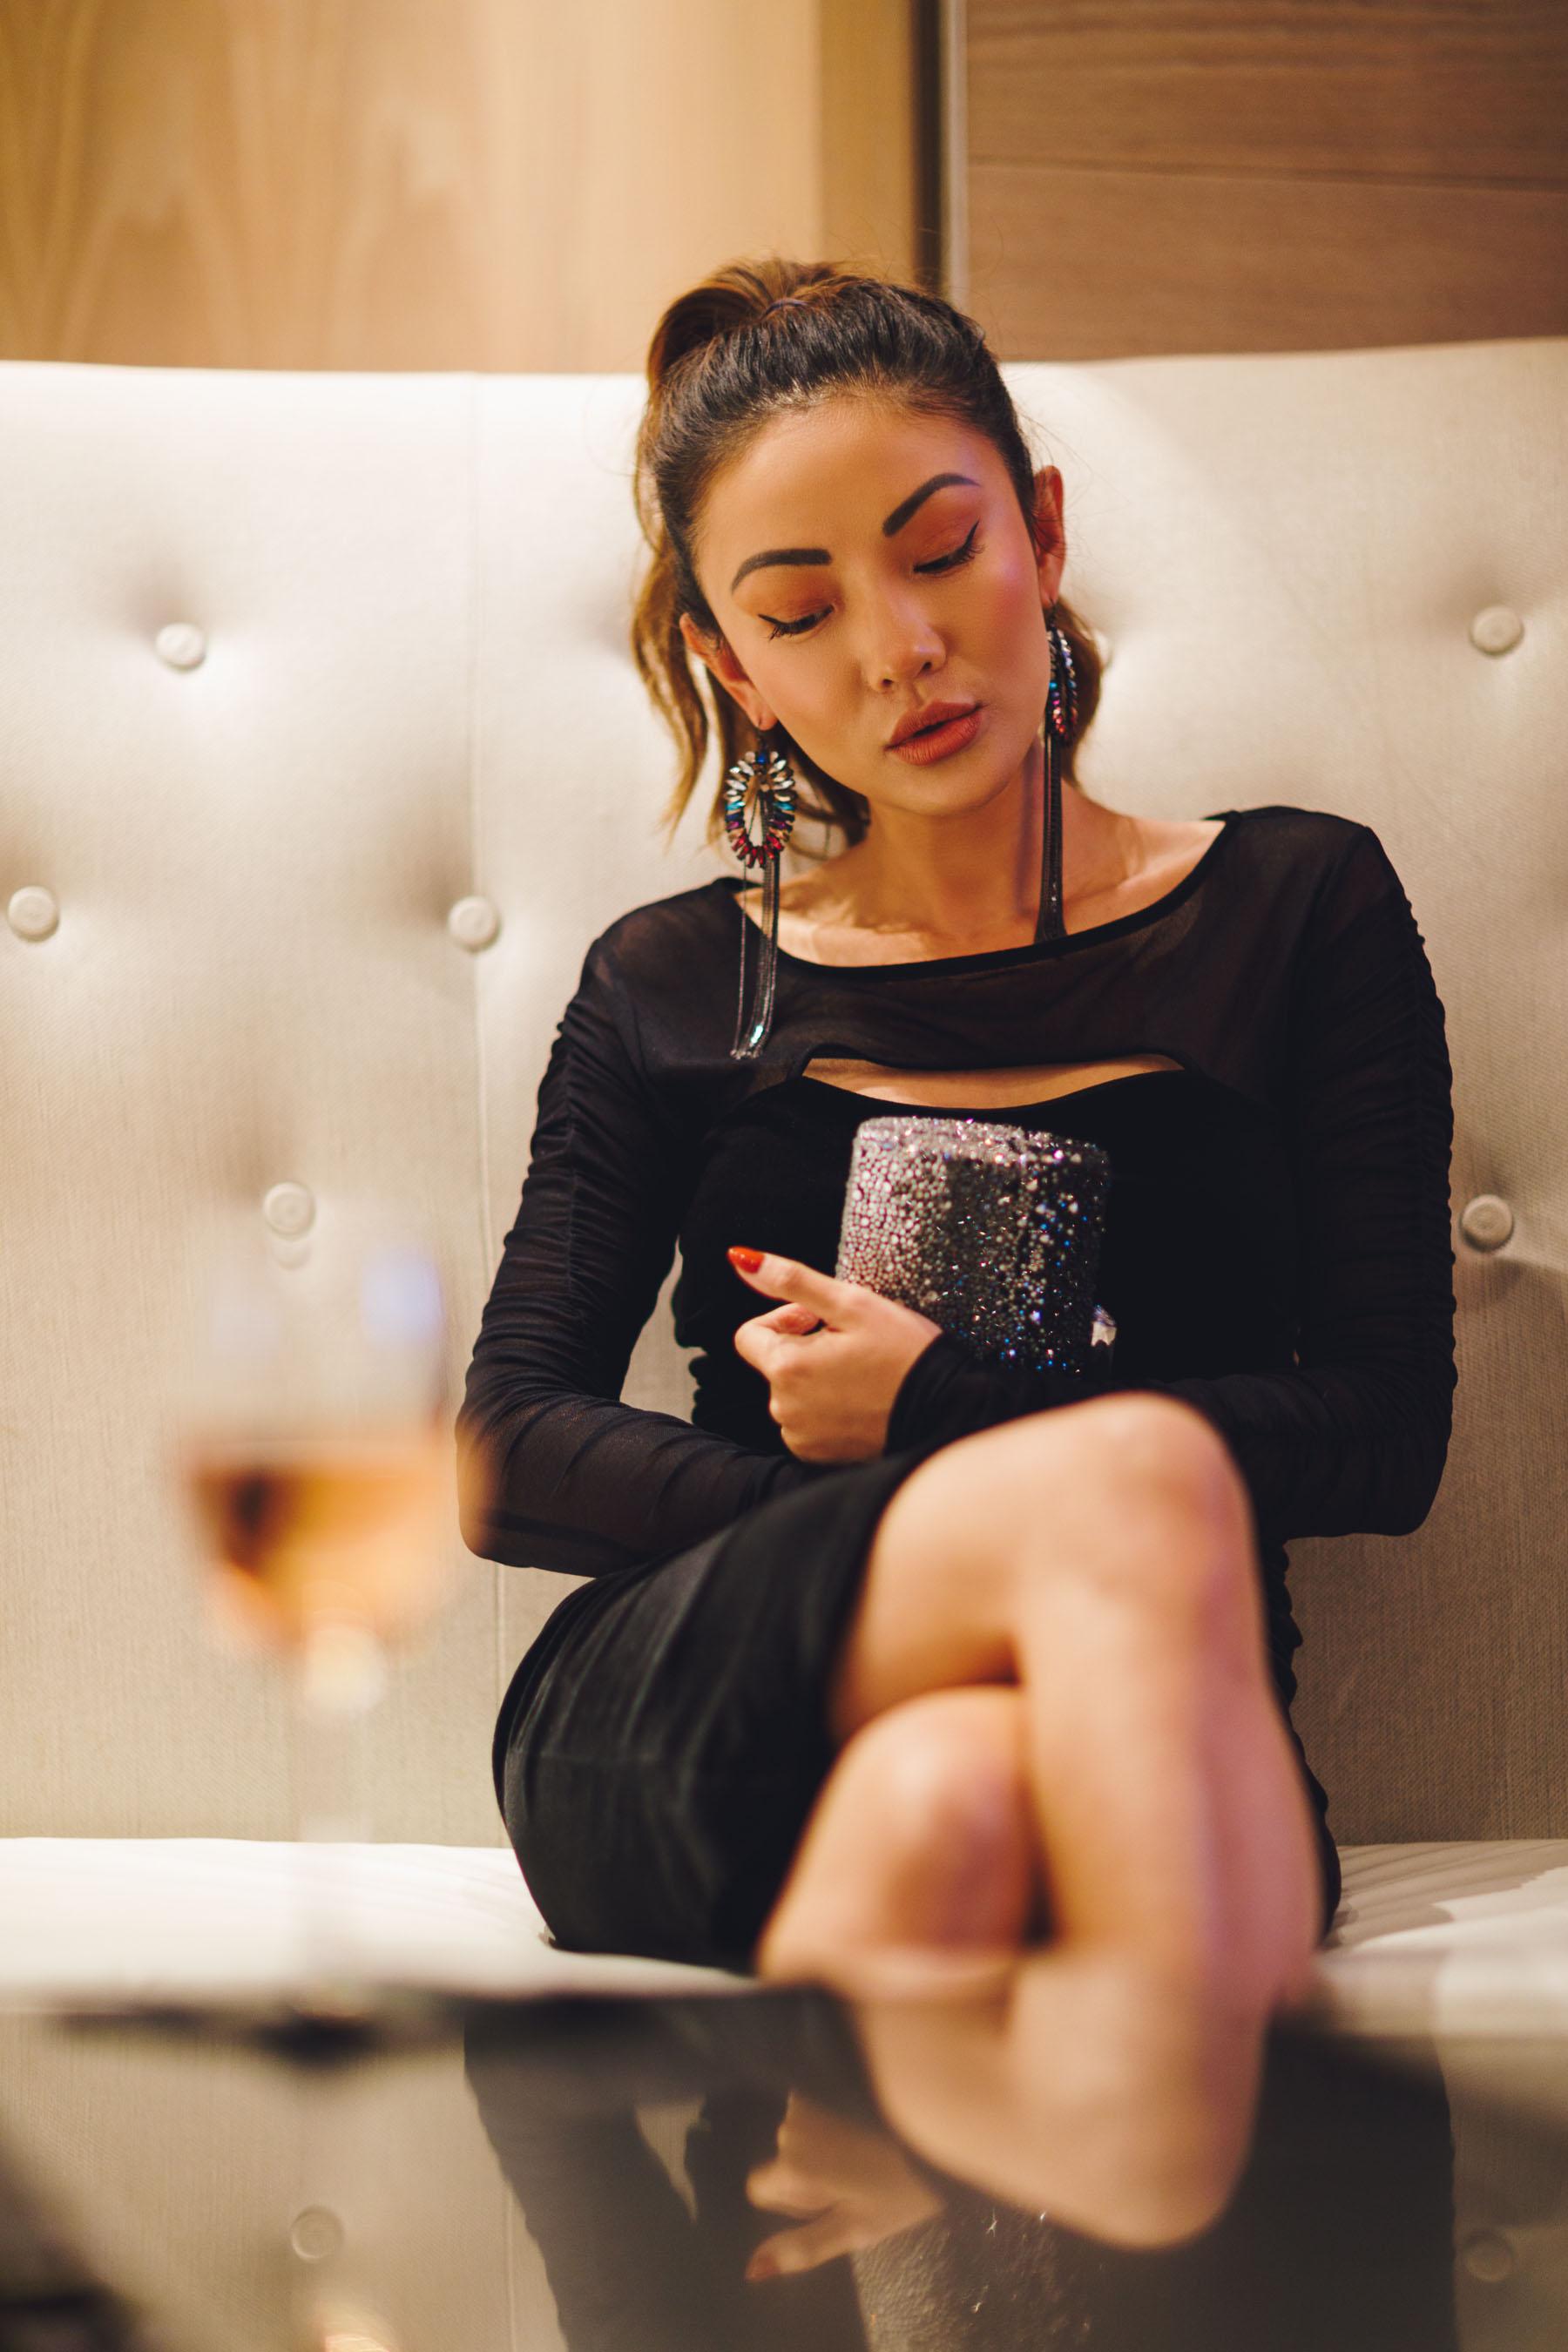 Velvet Little Black Dress with Fringe Statement Earrings // Notjessfashion